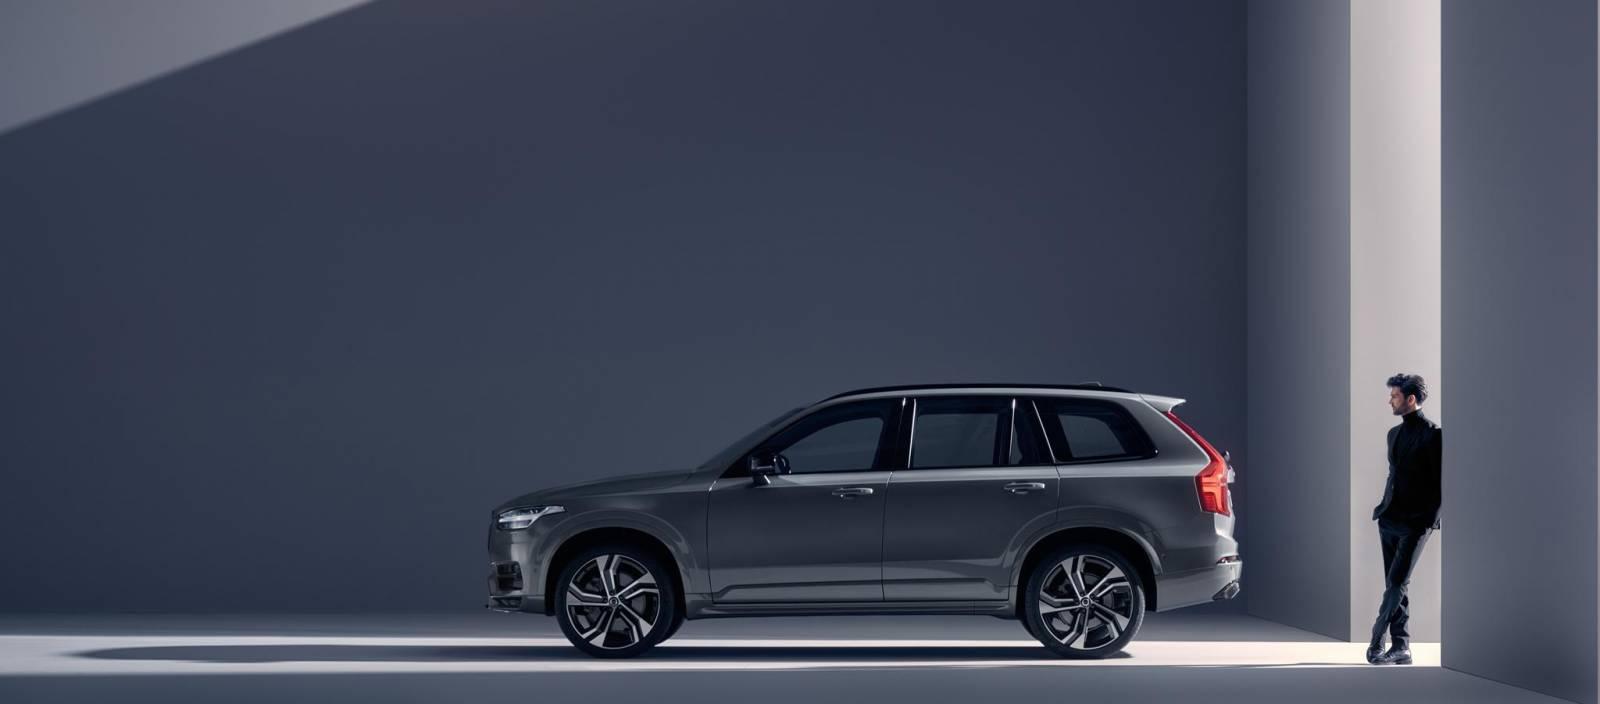 Volvo XC90 Mild hybrid